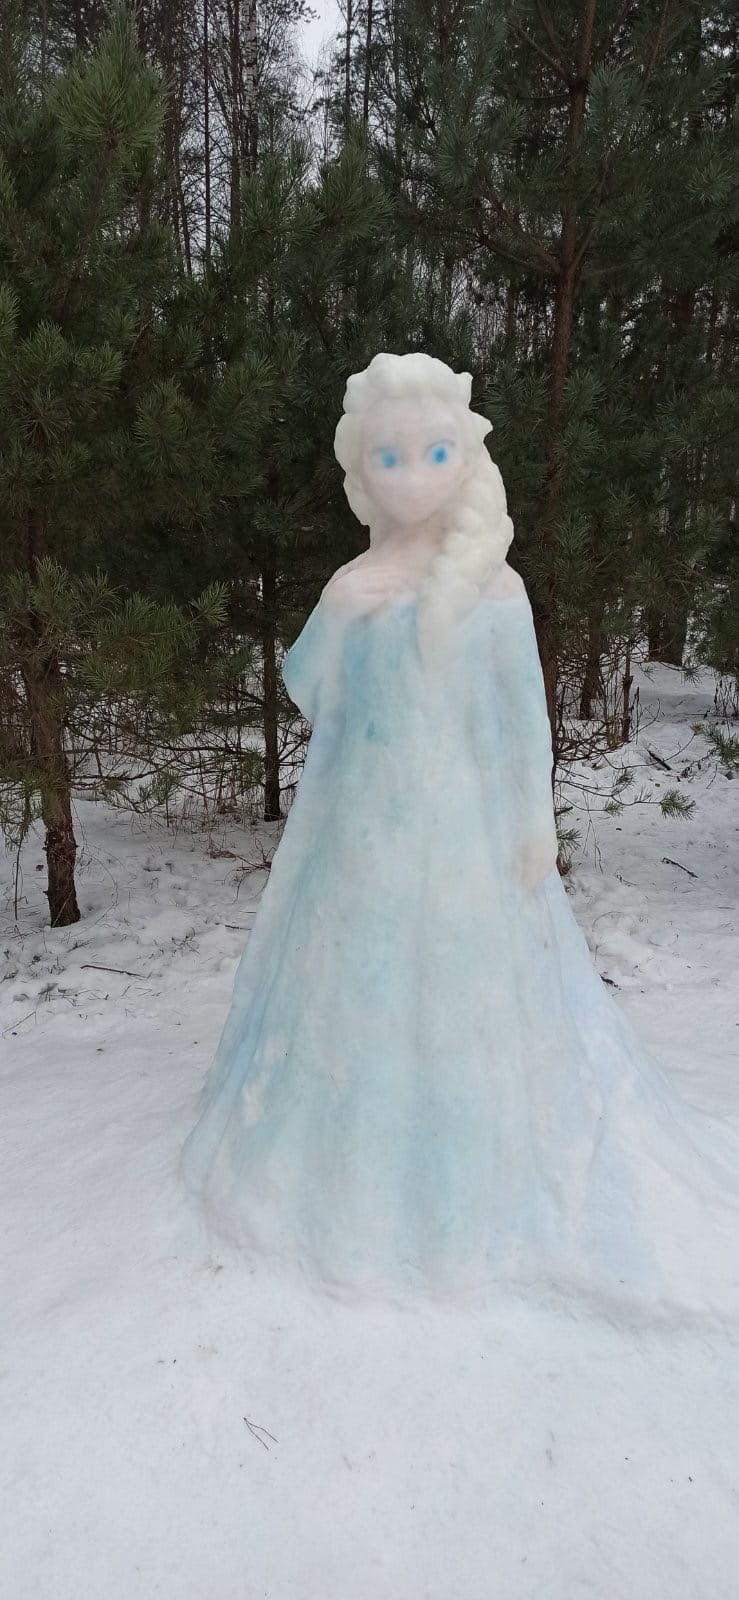 Неизвестный петербуржец сотворил диснеевскую принцессу в одном из парков Северной столицы